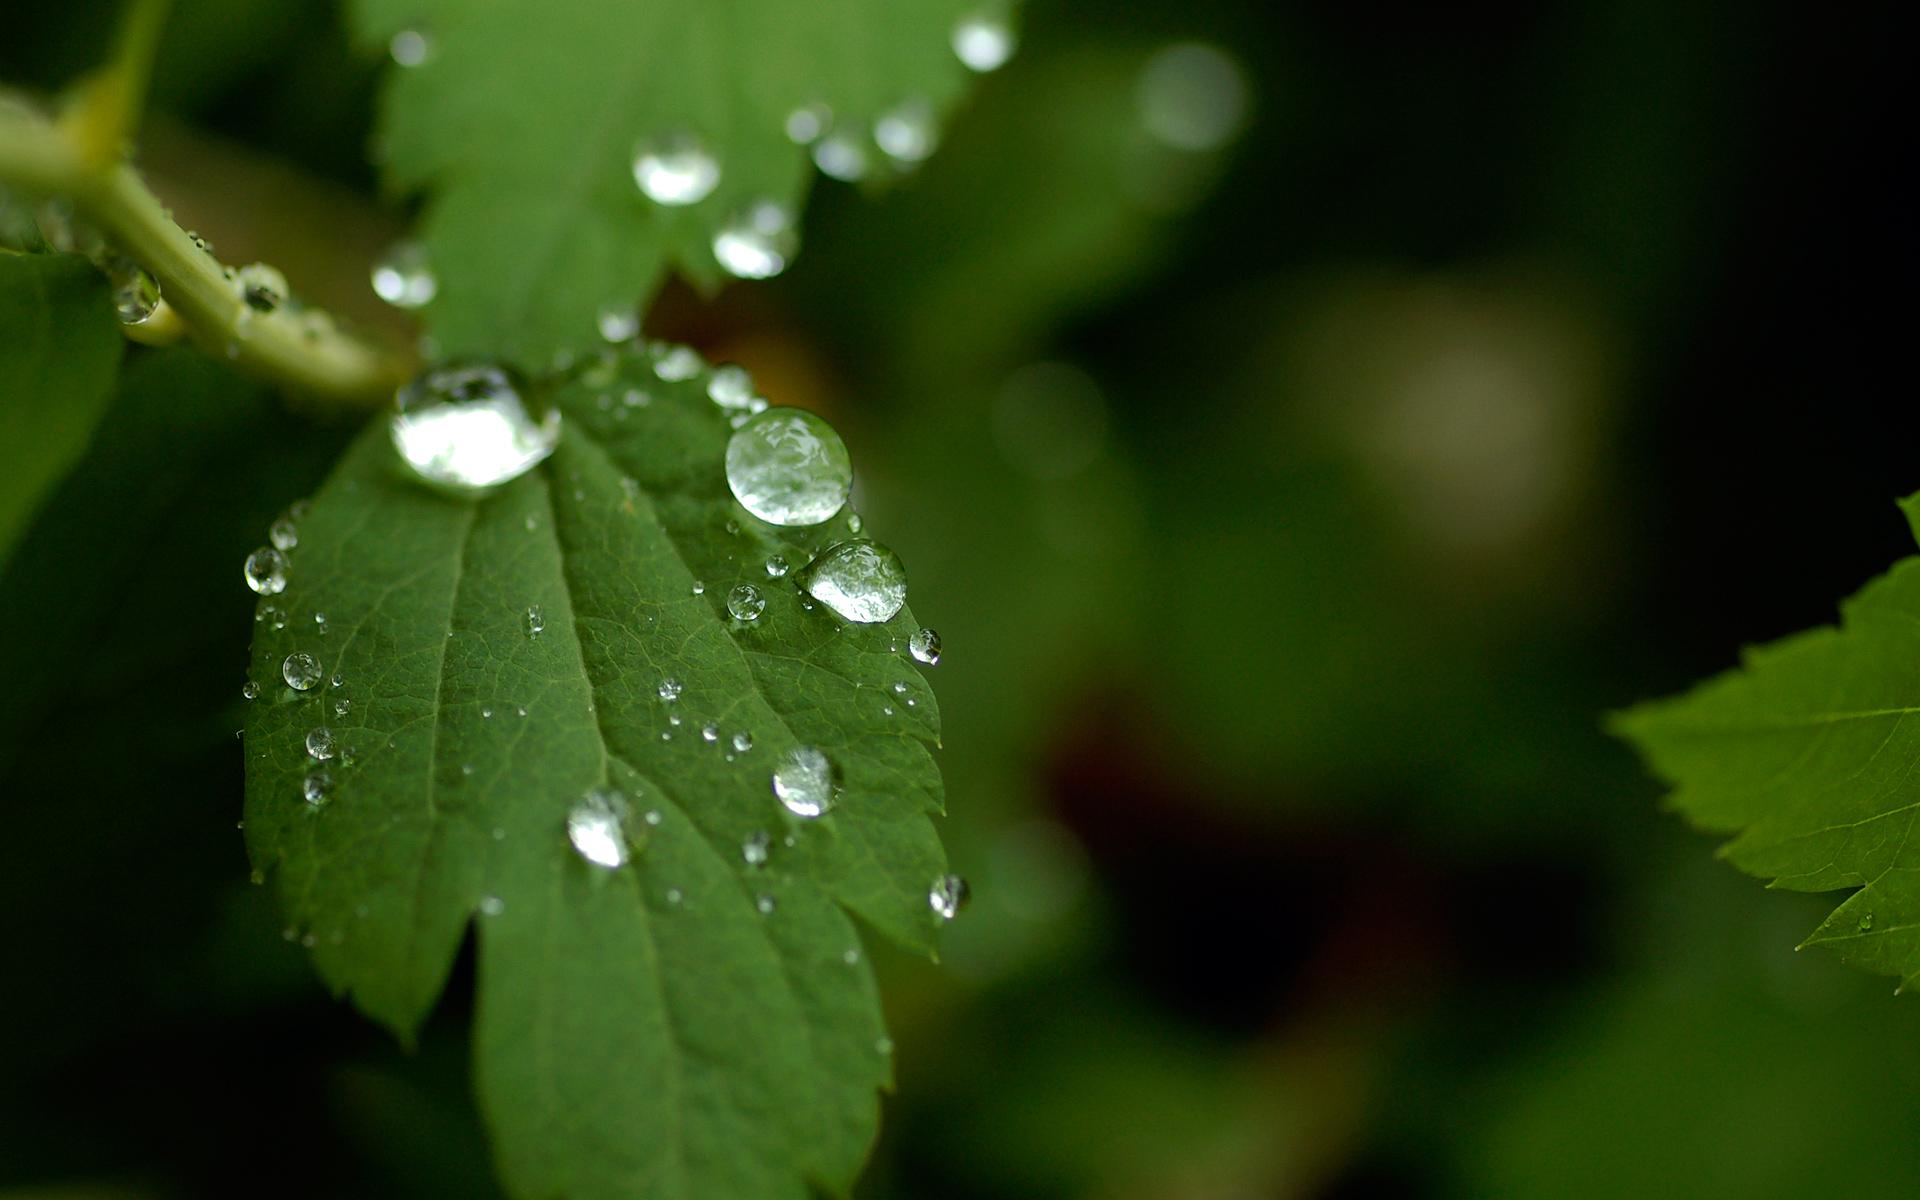 Drop Of Water Falling From A Leaf Wallpaper Rain On Leaves Wallpaper Hd Pixelstalk Net